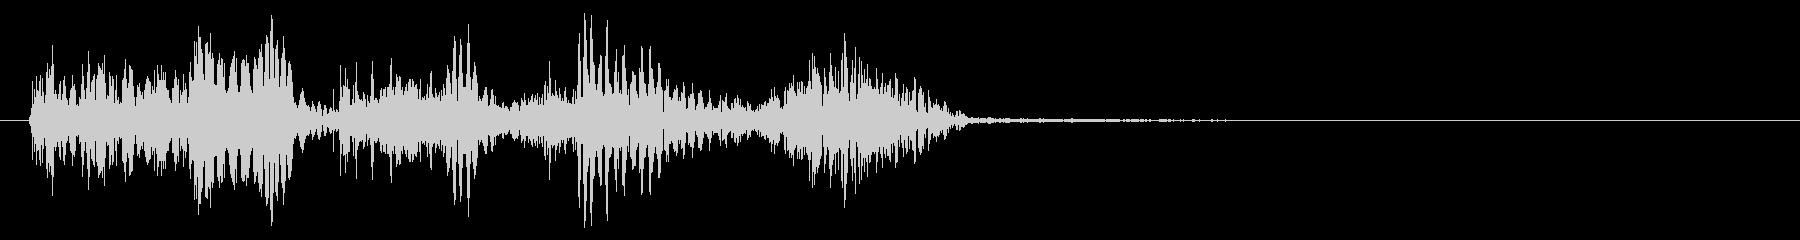 魔物、モンスターが攻撃してくる音の未再生の波形